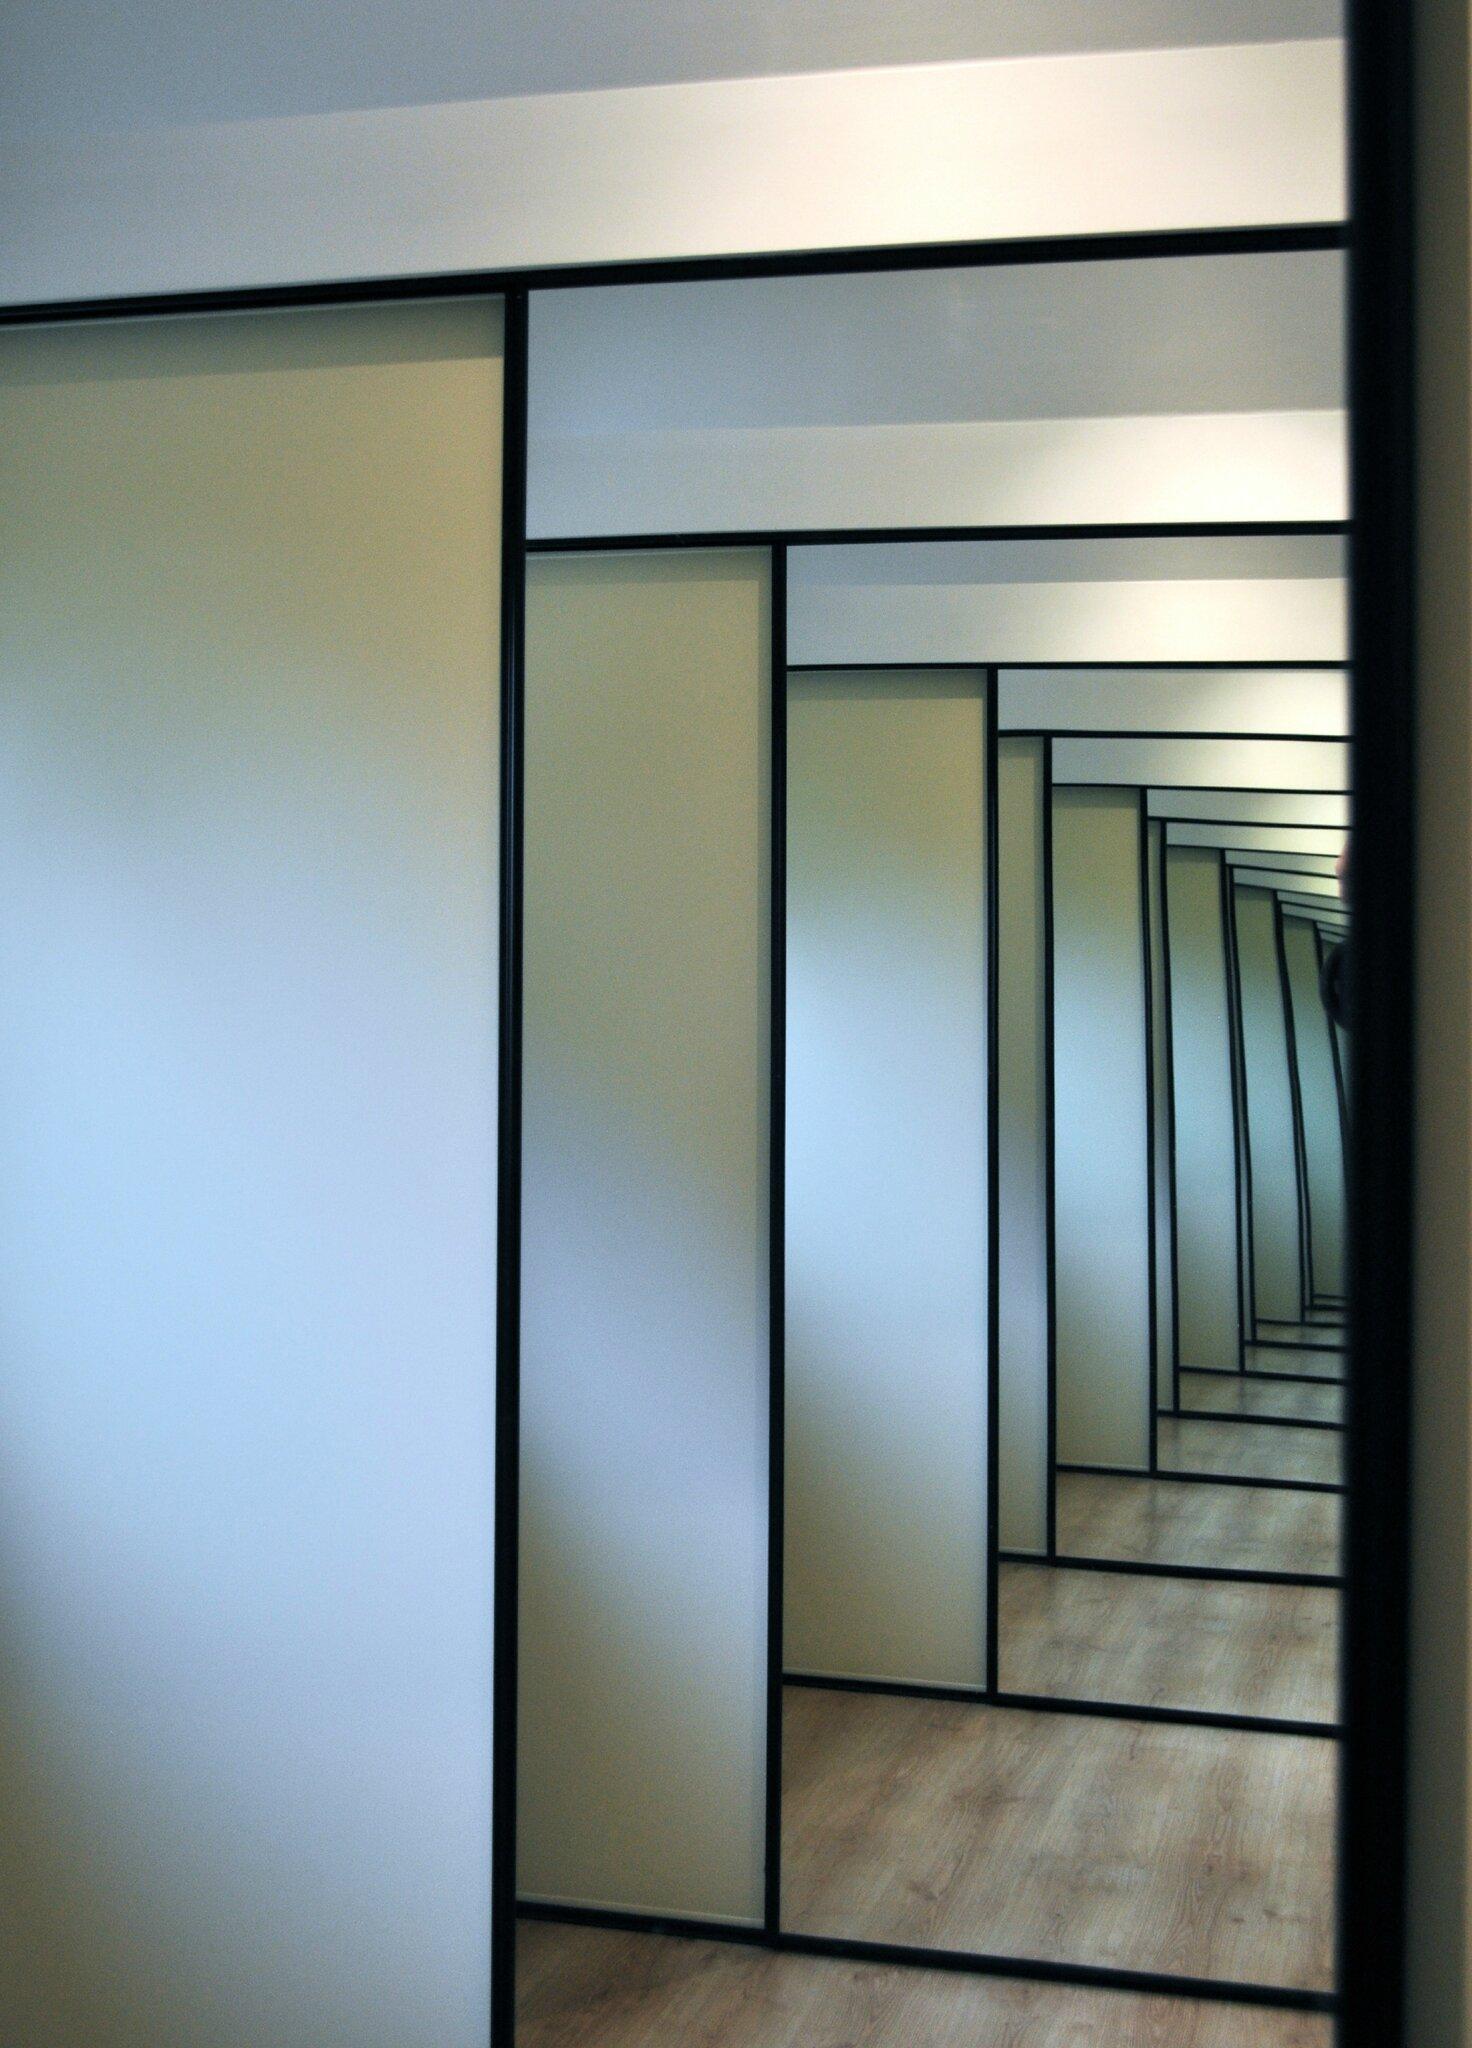 L 39 infini pour le mois de mai mon troisi me oeil for Laurent voulzy le miroir